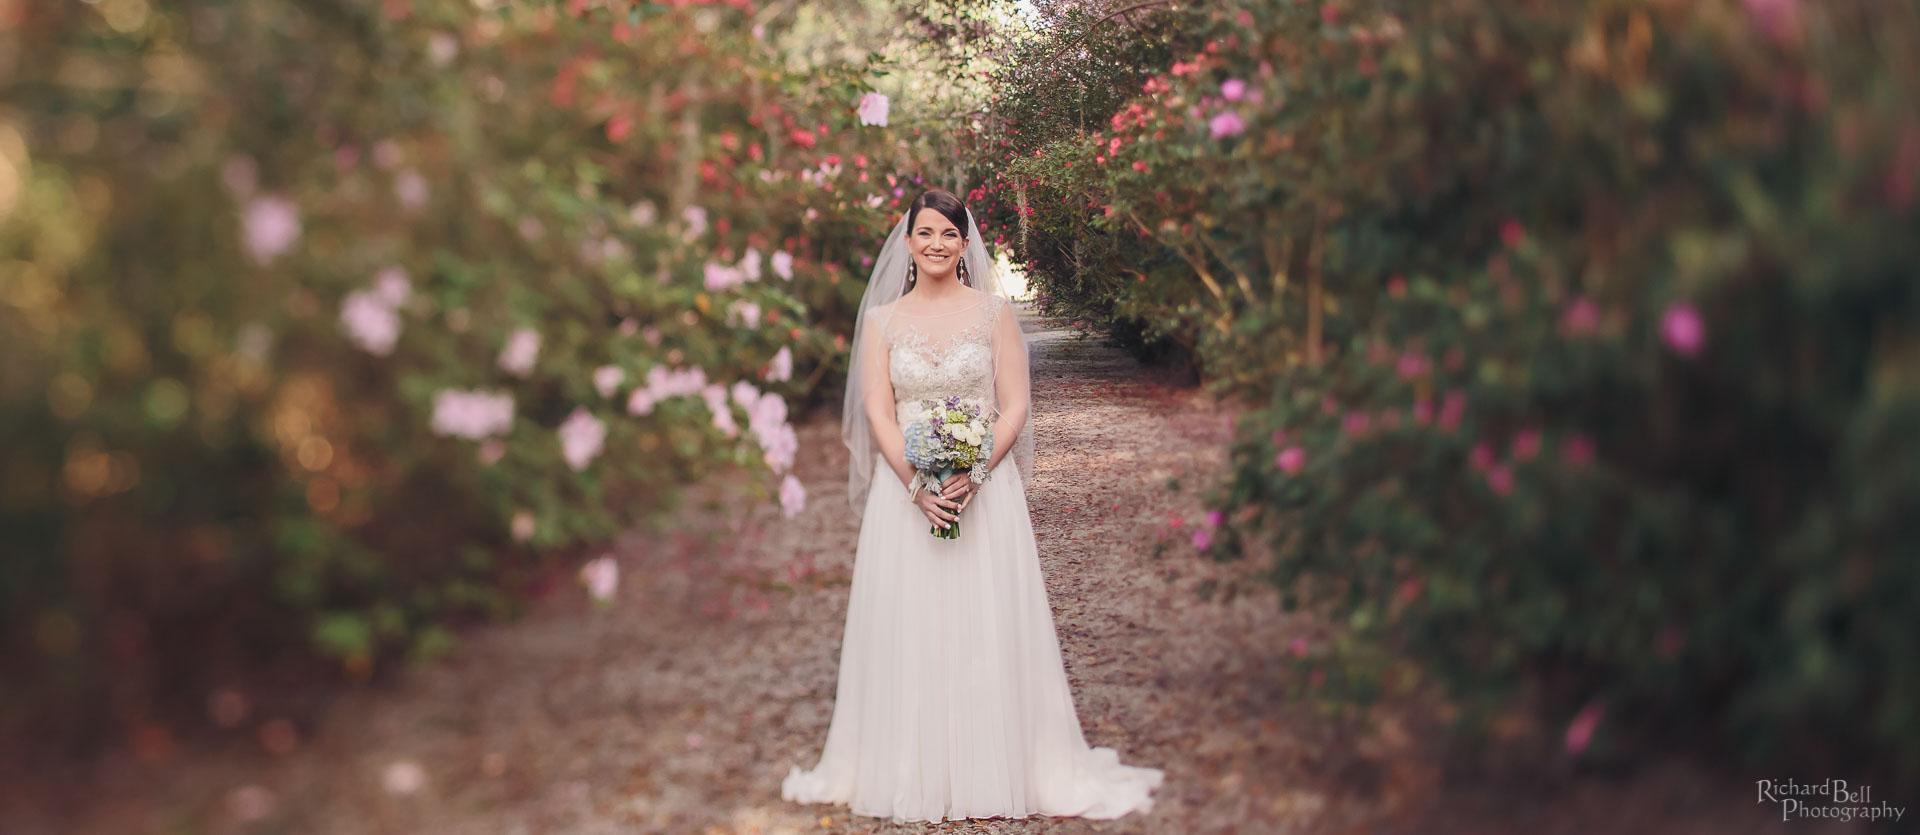 Bride at Magnolia Plantation